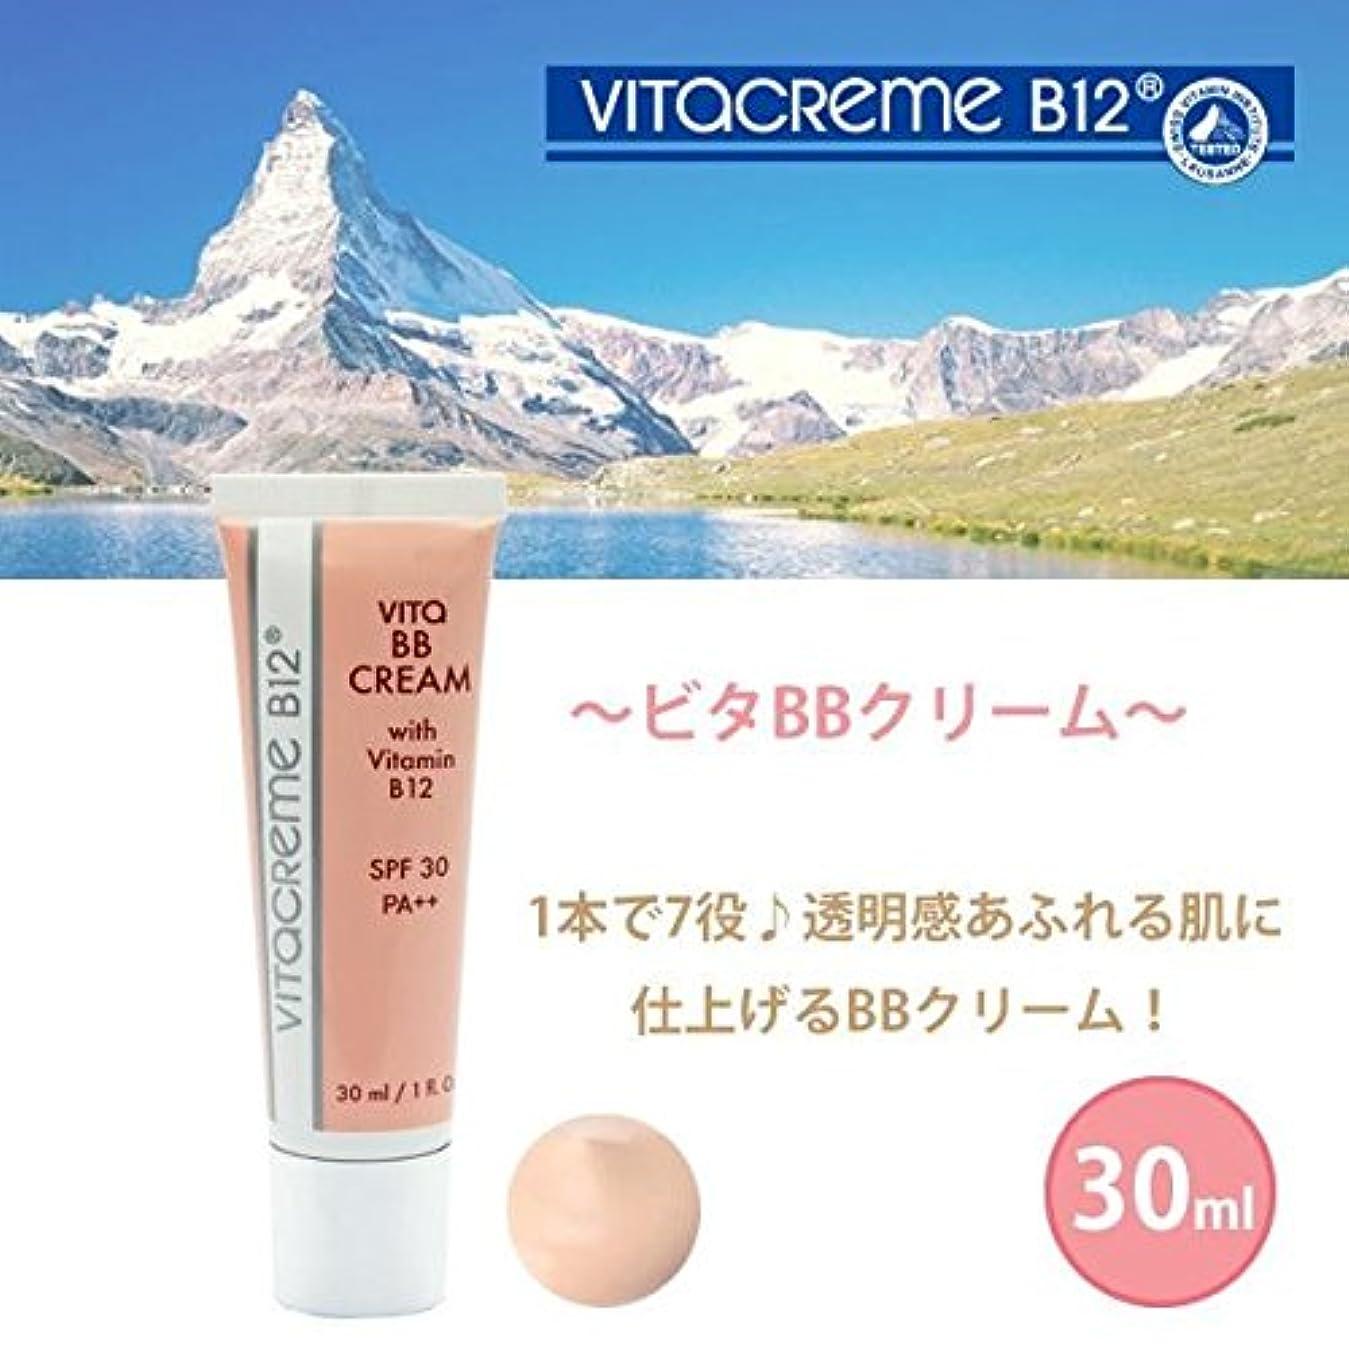 ビタBBクリーム 30ml 正規品 VTB238 【人気 おすすめ 】